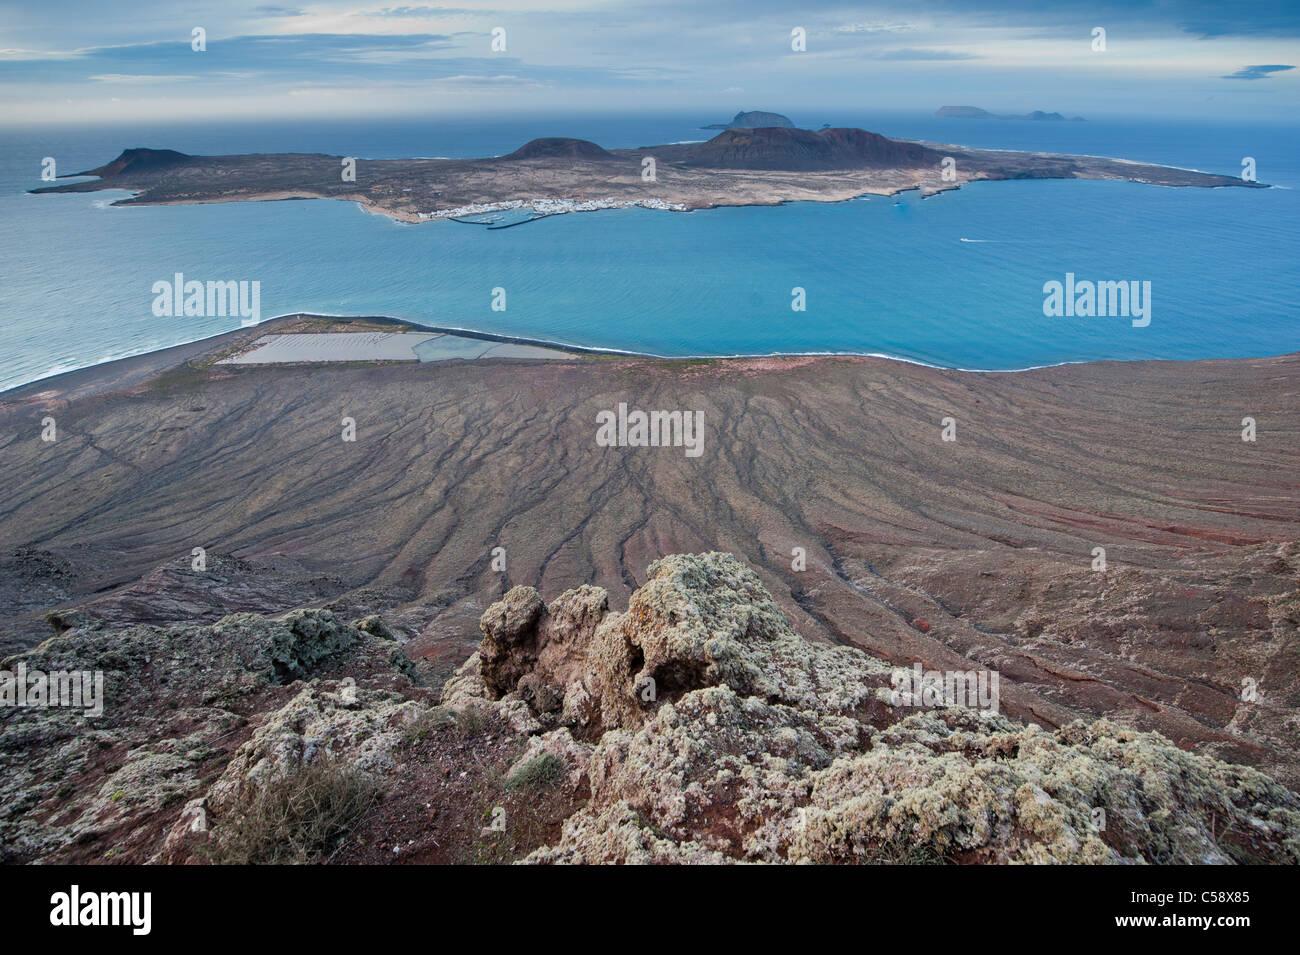 Ansicht der Insel La Graciosa, Zugehörigkeit zu den Archipel Chinijo aus der Mirador del Río, Lanzarote, Stockbild